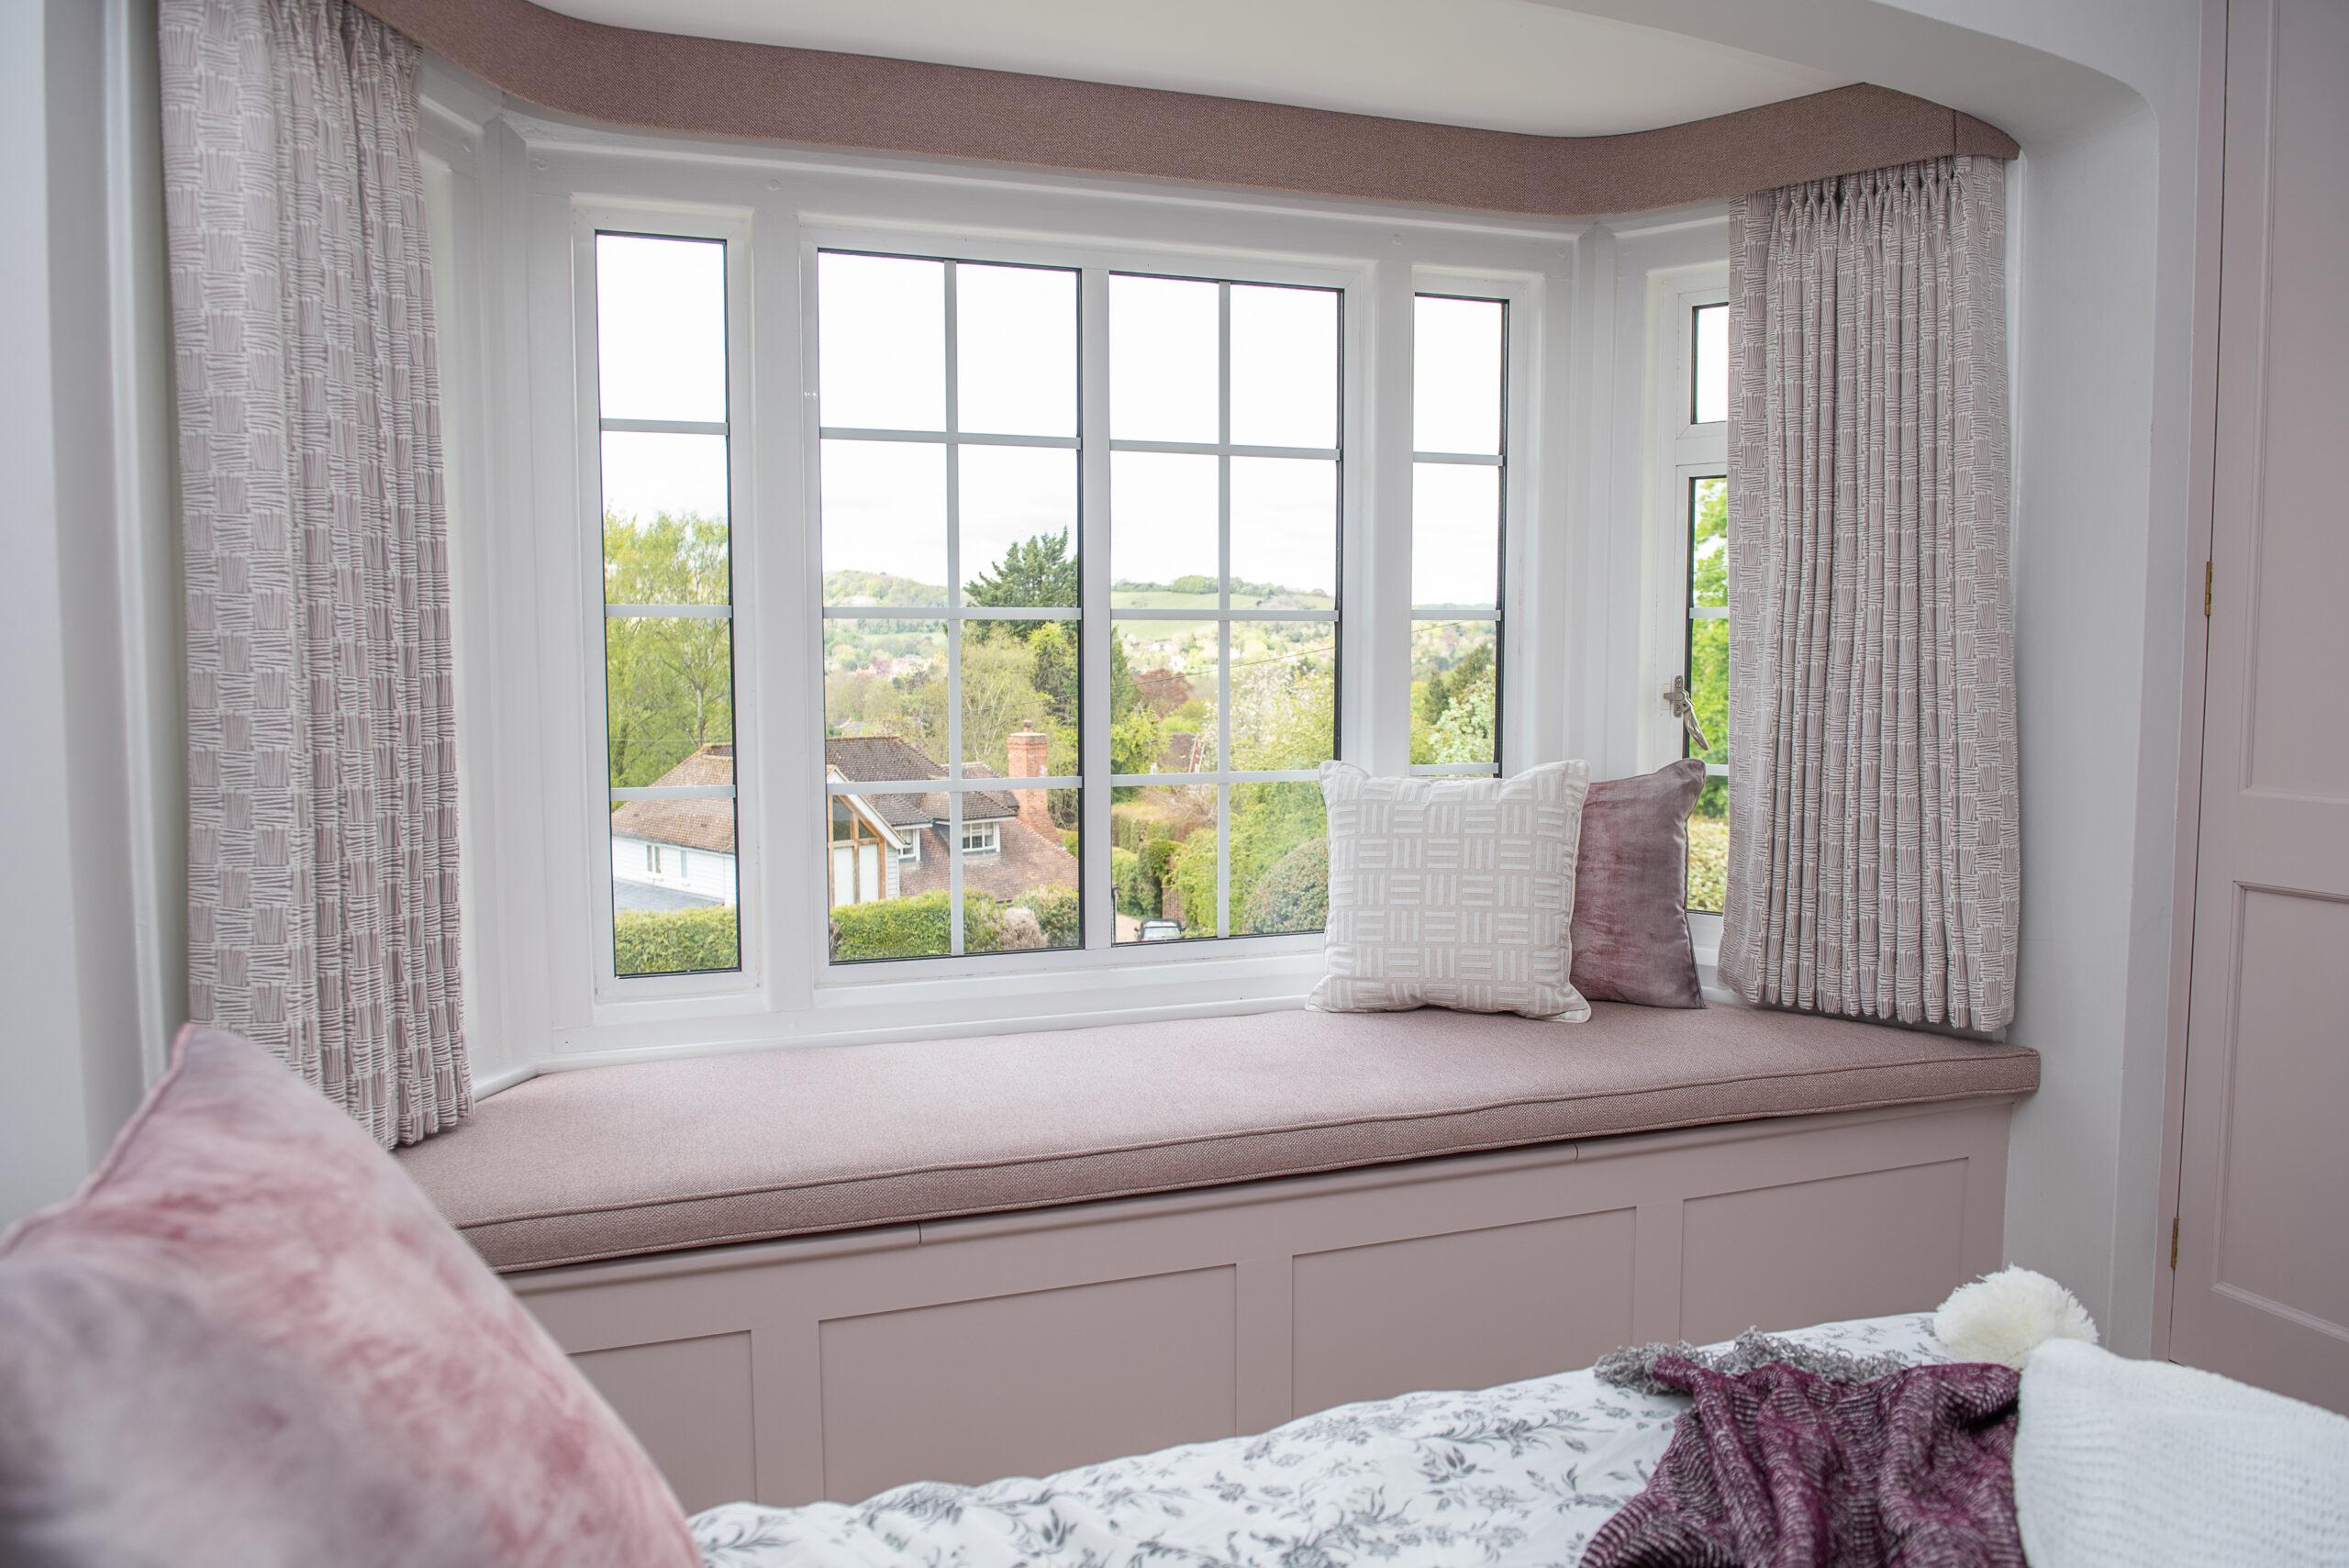 Fairways Goring Bedroom Window and Bed